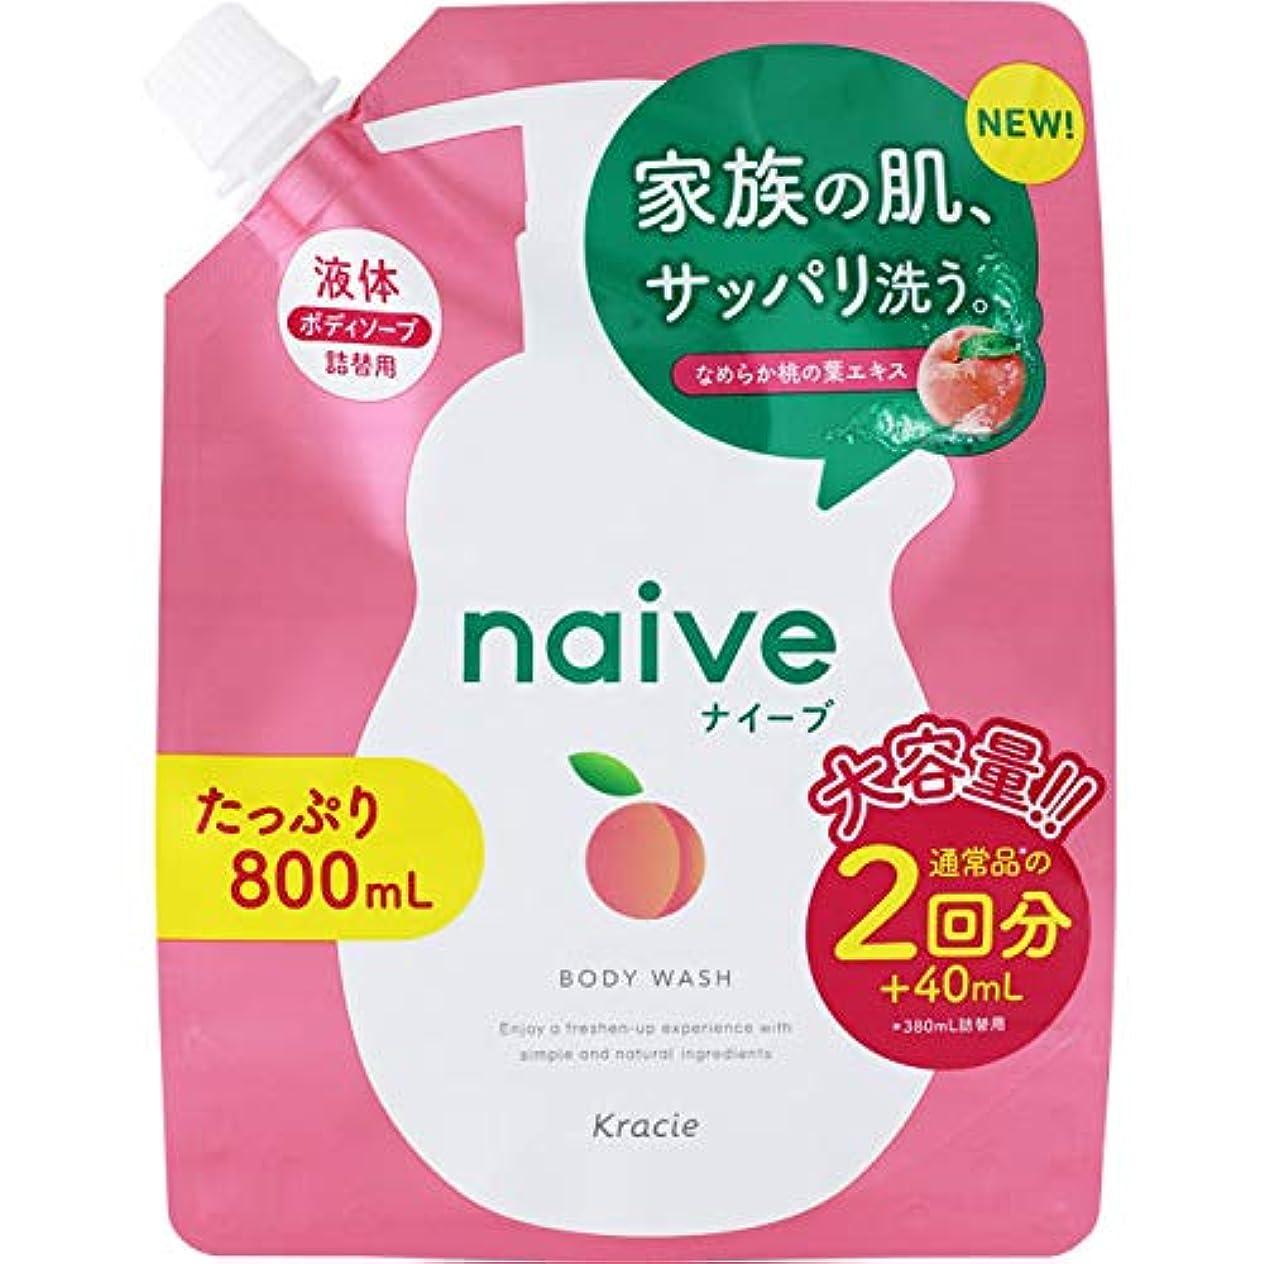 マトロン汚す分数ナイーブ ボディソープ(桃の葉エキス配合) 詰替用 × 9個セット